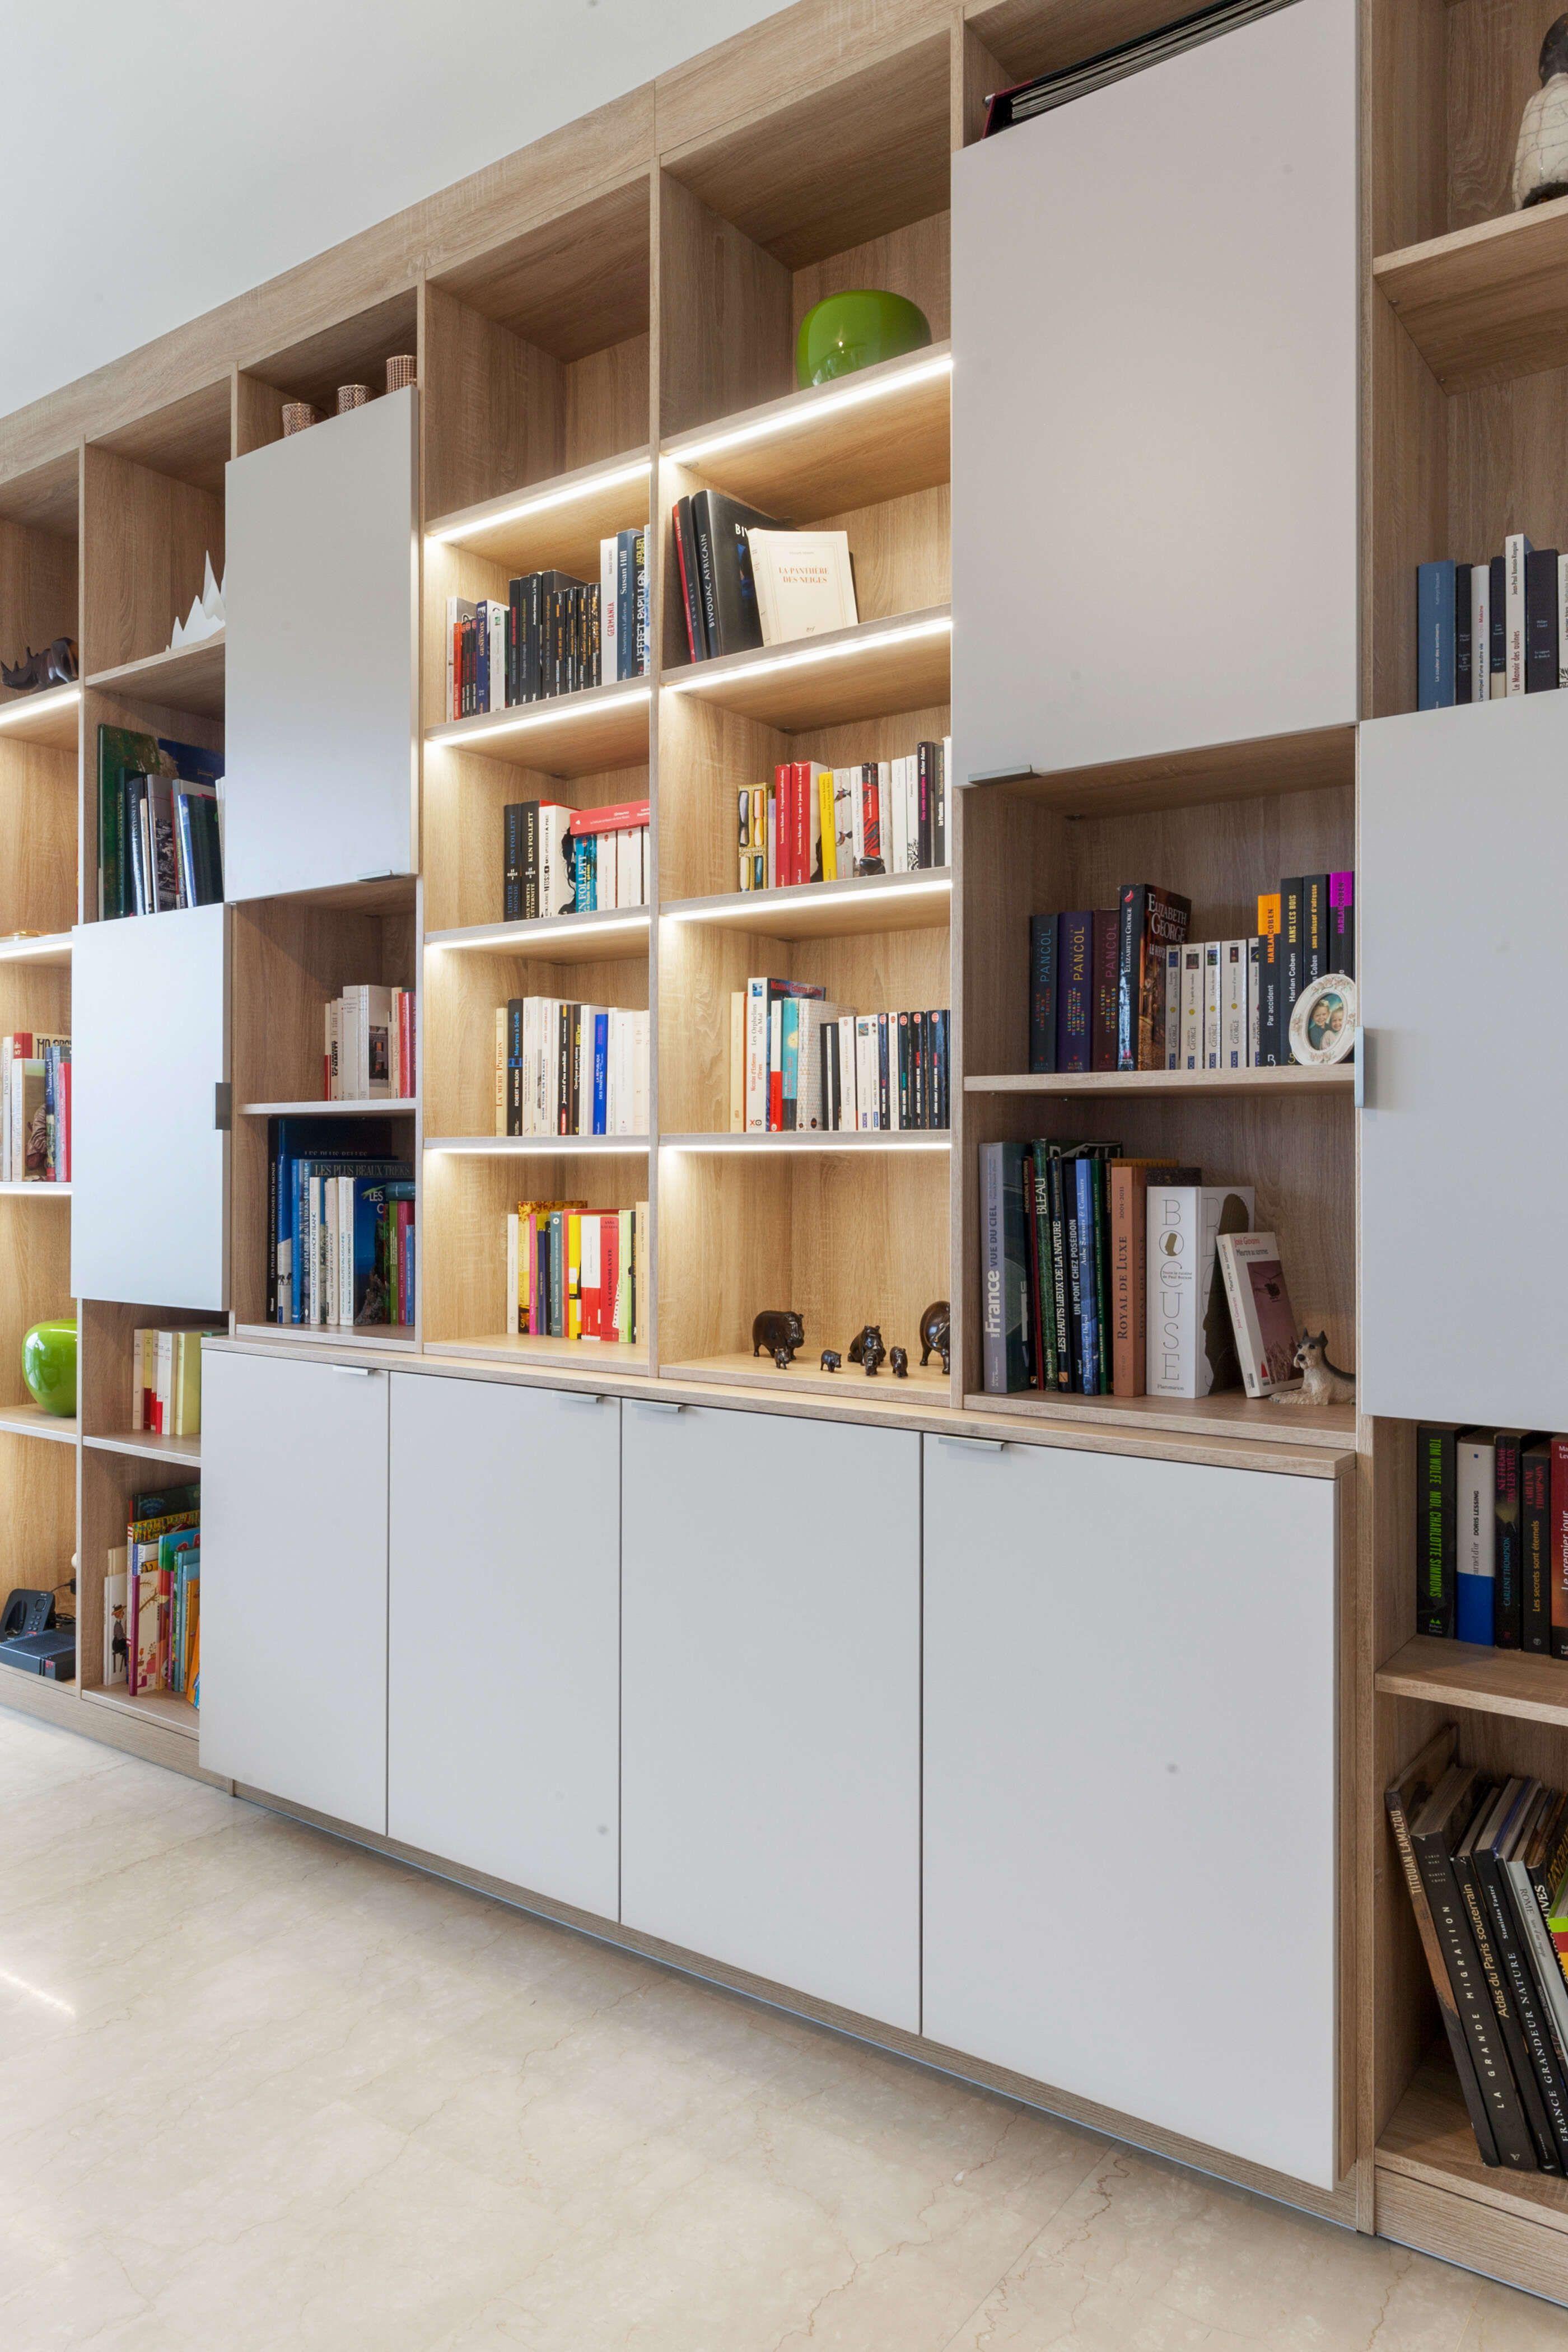 Un Agencement Sur Mesure En 2020 Agencement Bibliotheque Petit Meuble Rangement Meuble Rangement Salon